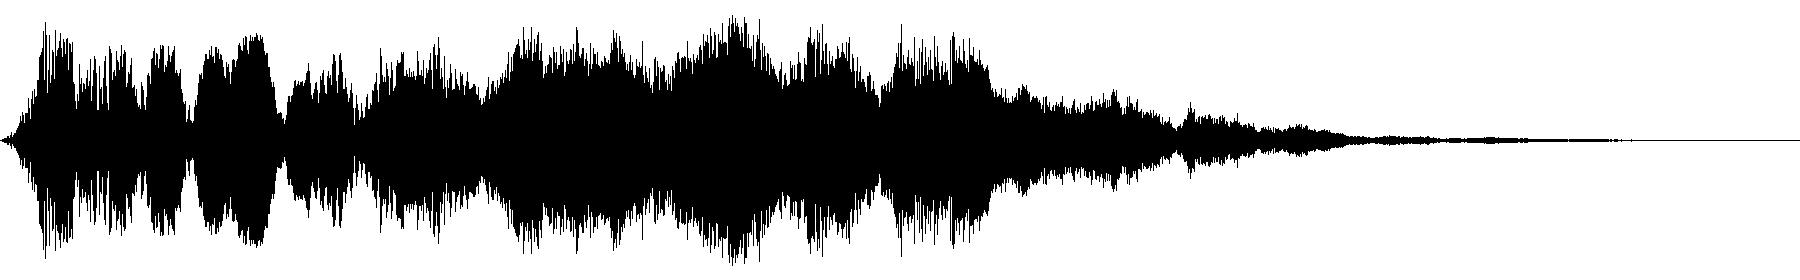 vfx1 atmos 38